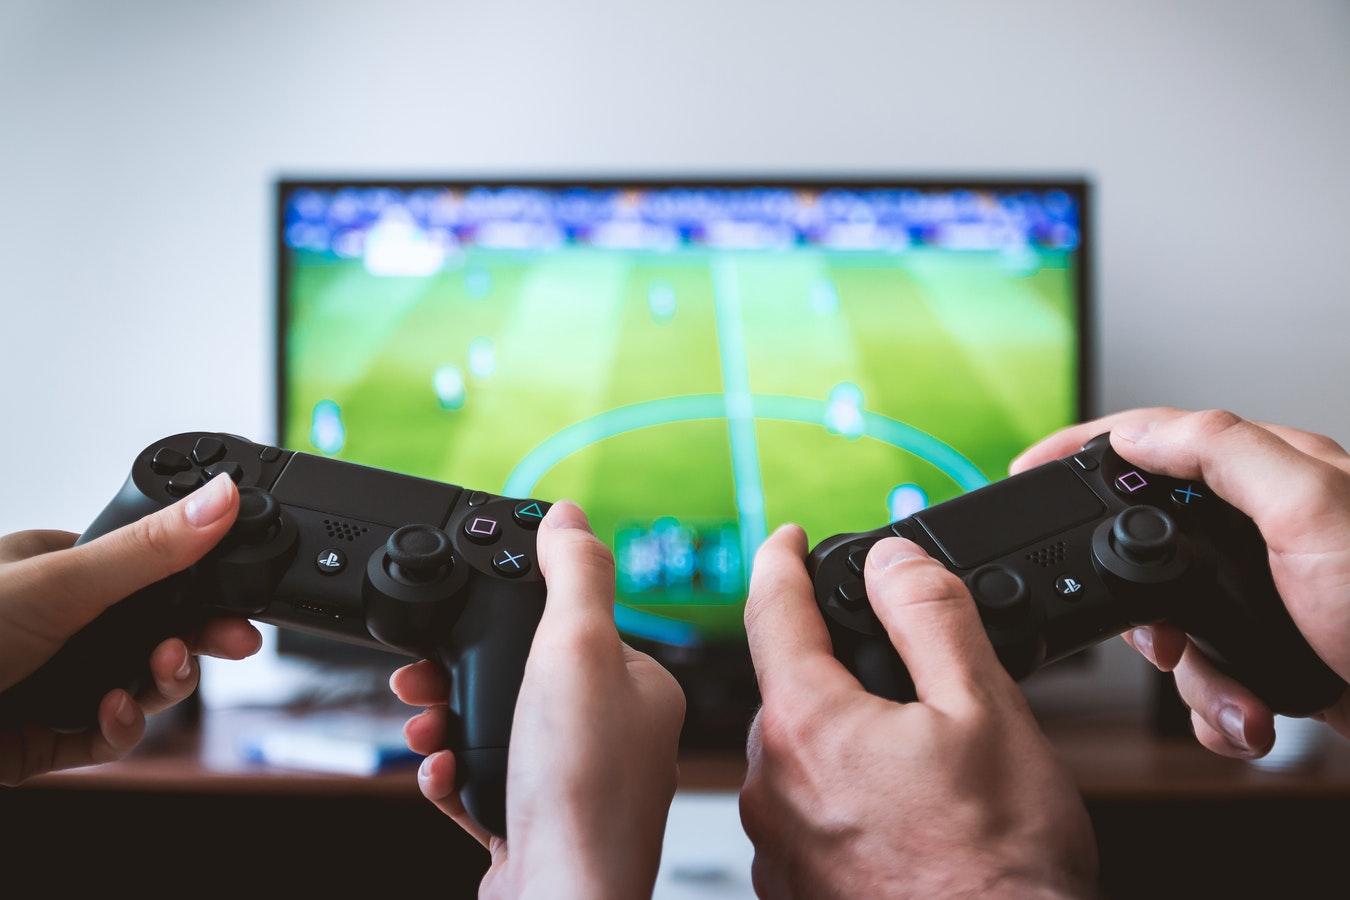 兩雙手一起握著遊戲握柄,面對足球賽電玩的螢幕。